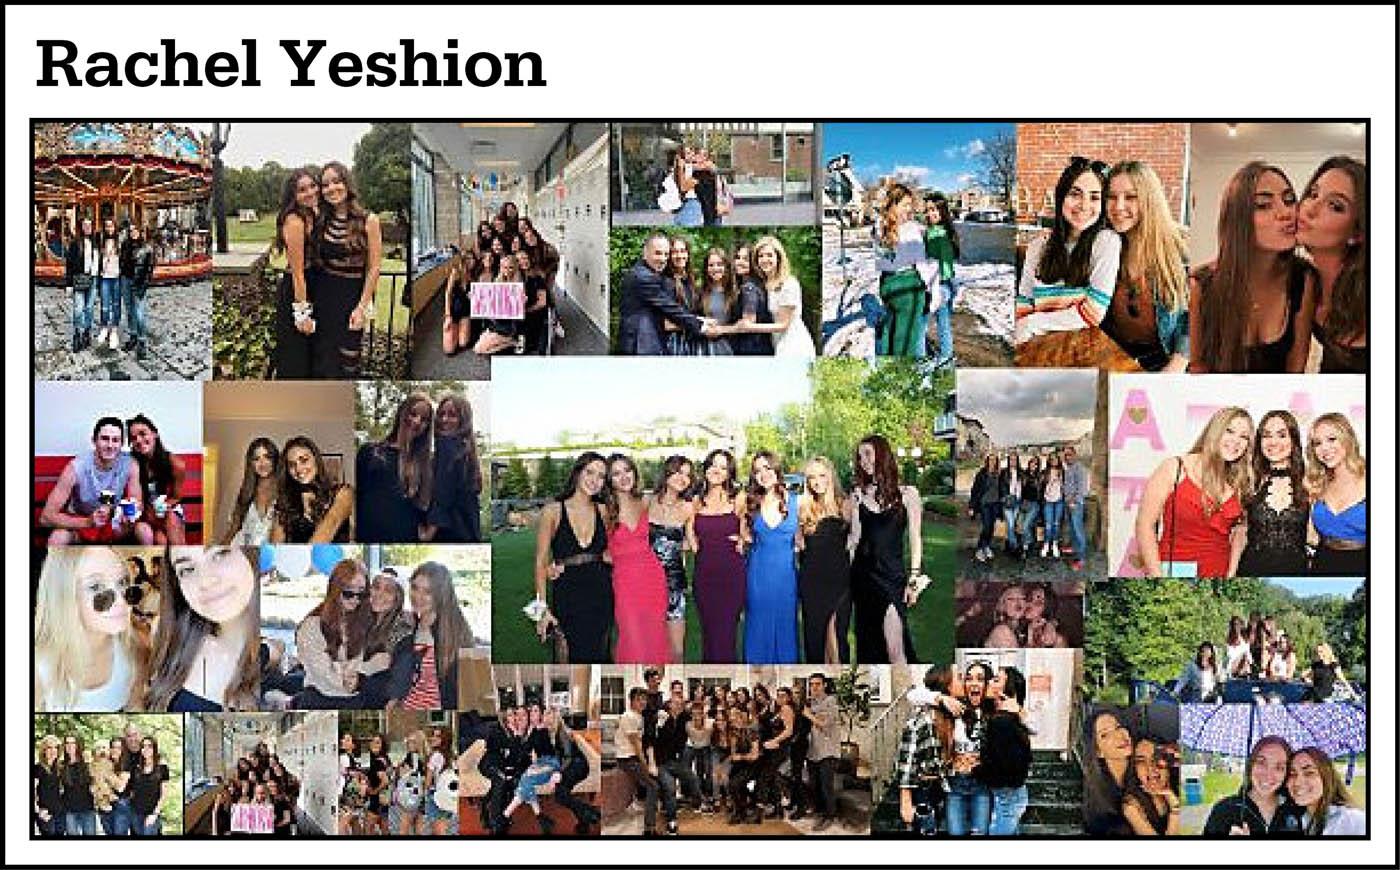 Yeshion, Rachel